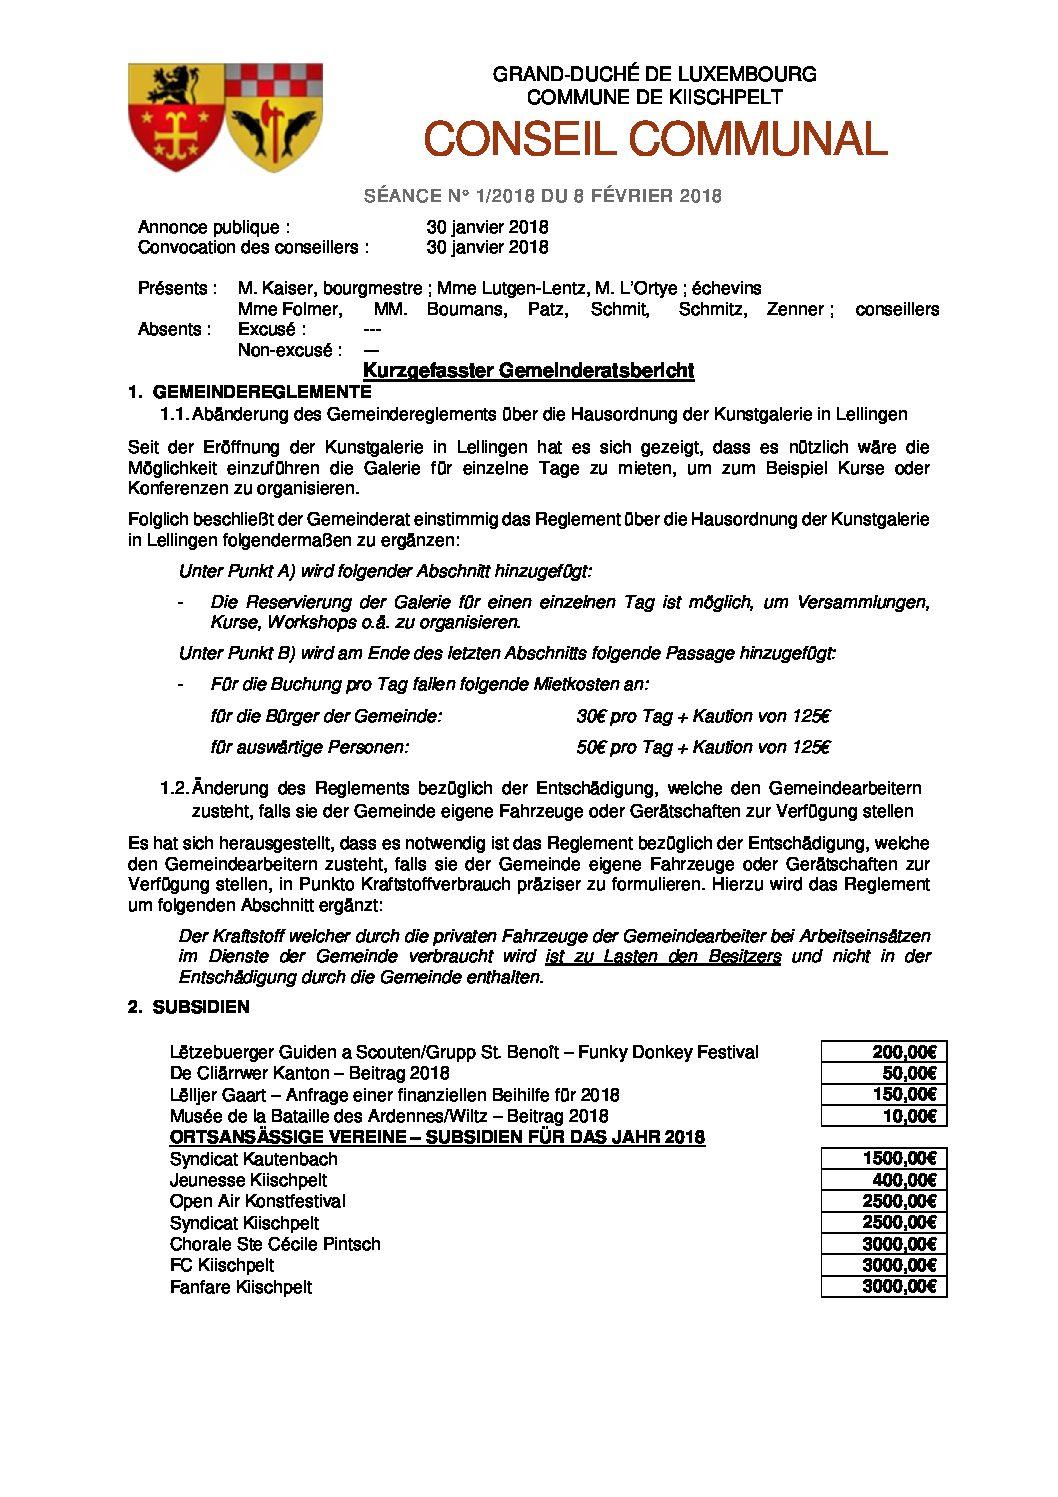 Gemeinderats Bericht vom 8. Februar 2018